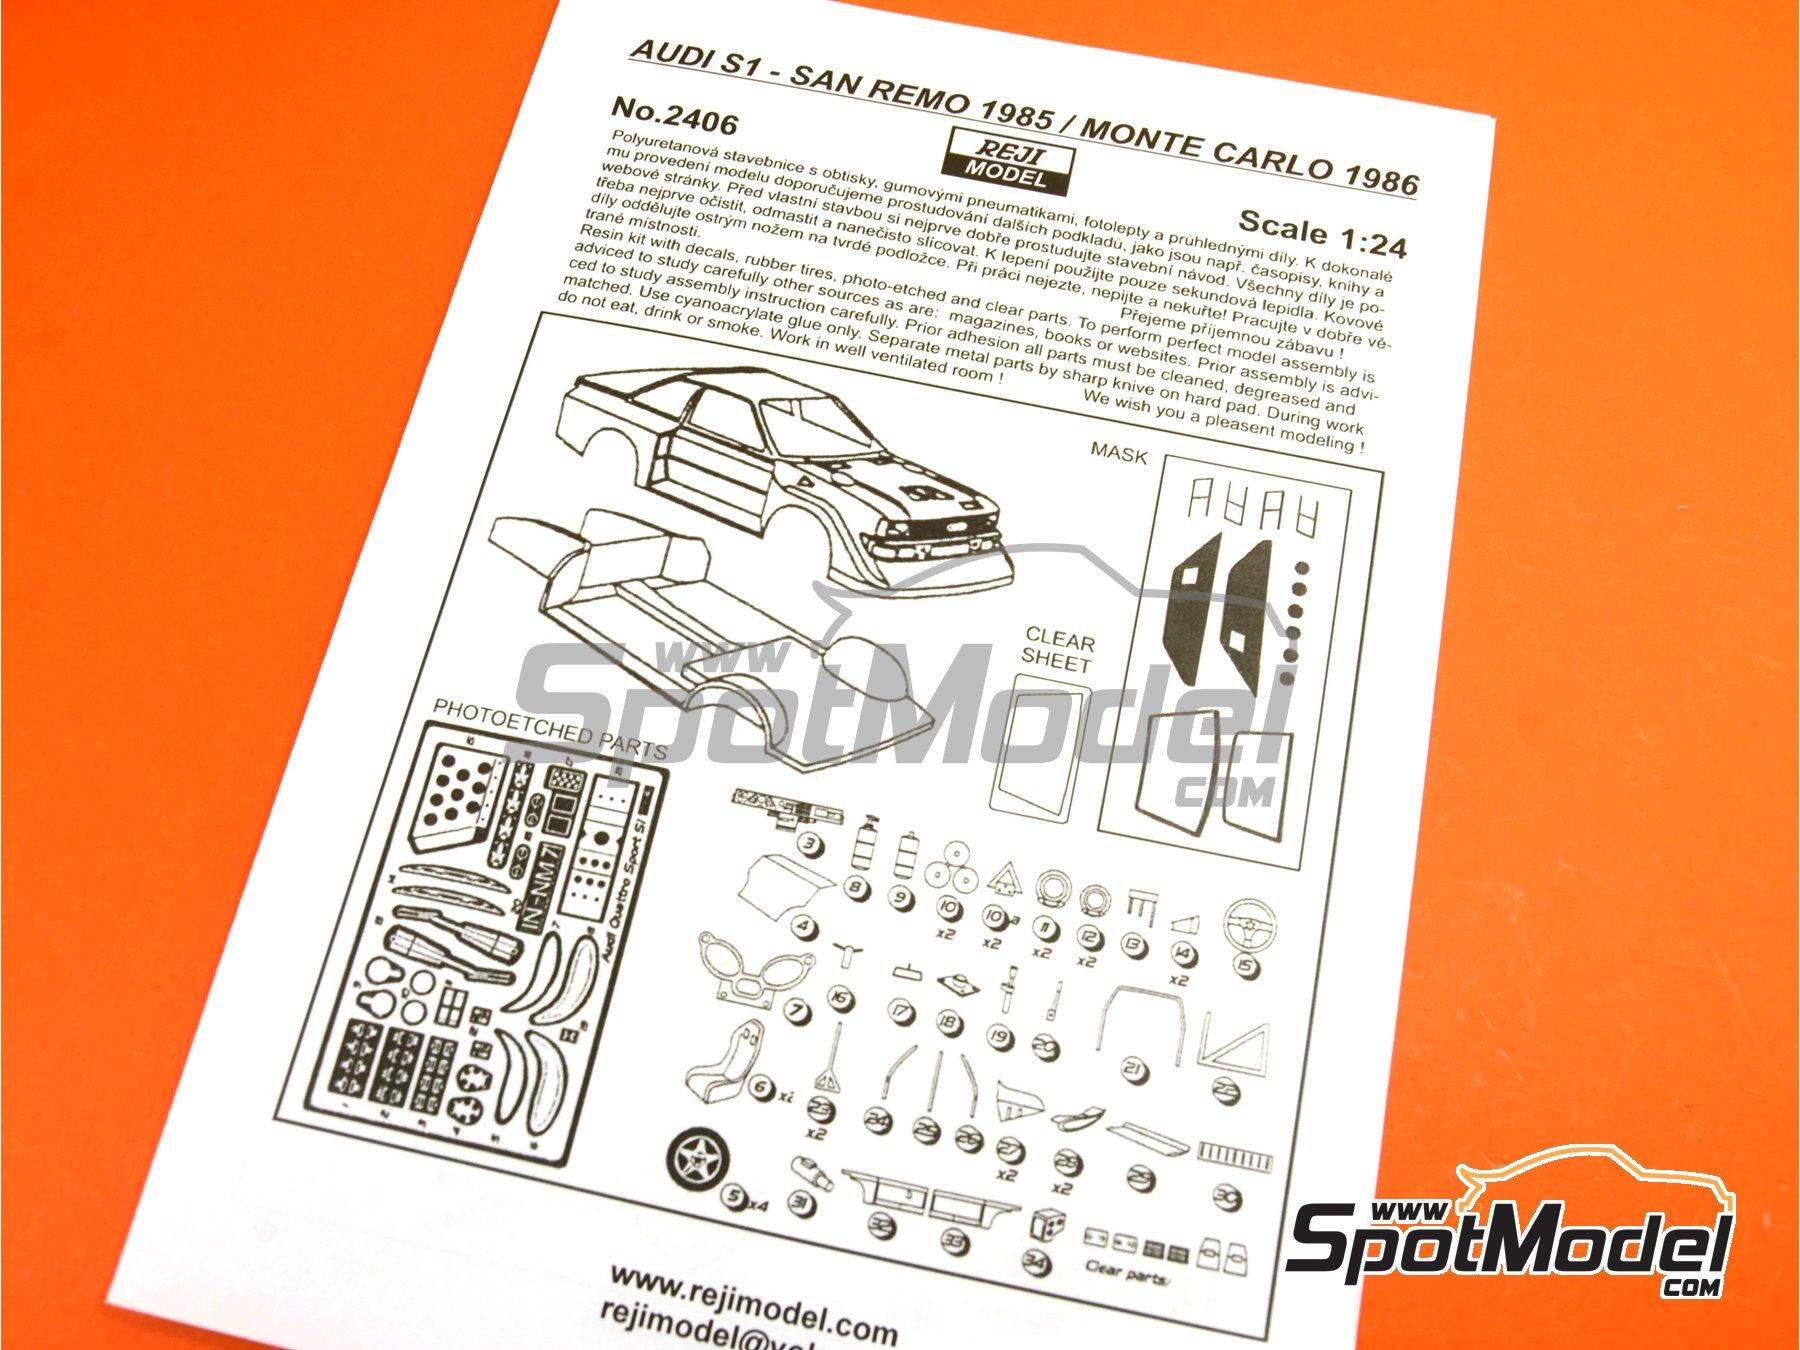 Image 25: Audi Quattro Sport S1 HB - Montecarlo Rally - Rallye Automobile de Monte-Carlo, Sanremo Rally 1985 and 1986   Model car kit in 1/24 scale manufactured by Reji Model (ref.REJI-2406, also 2406)